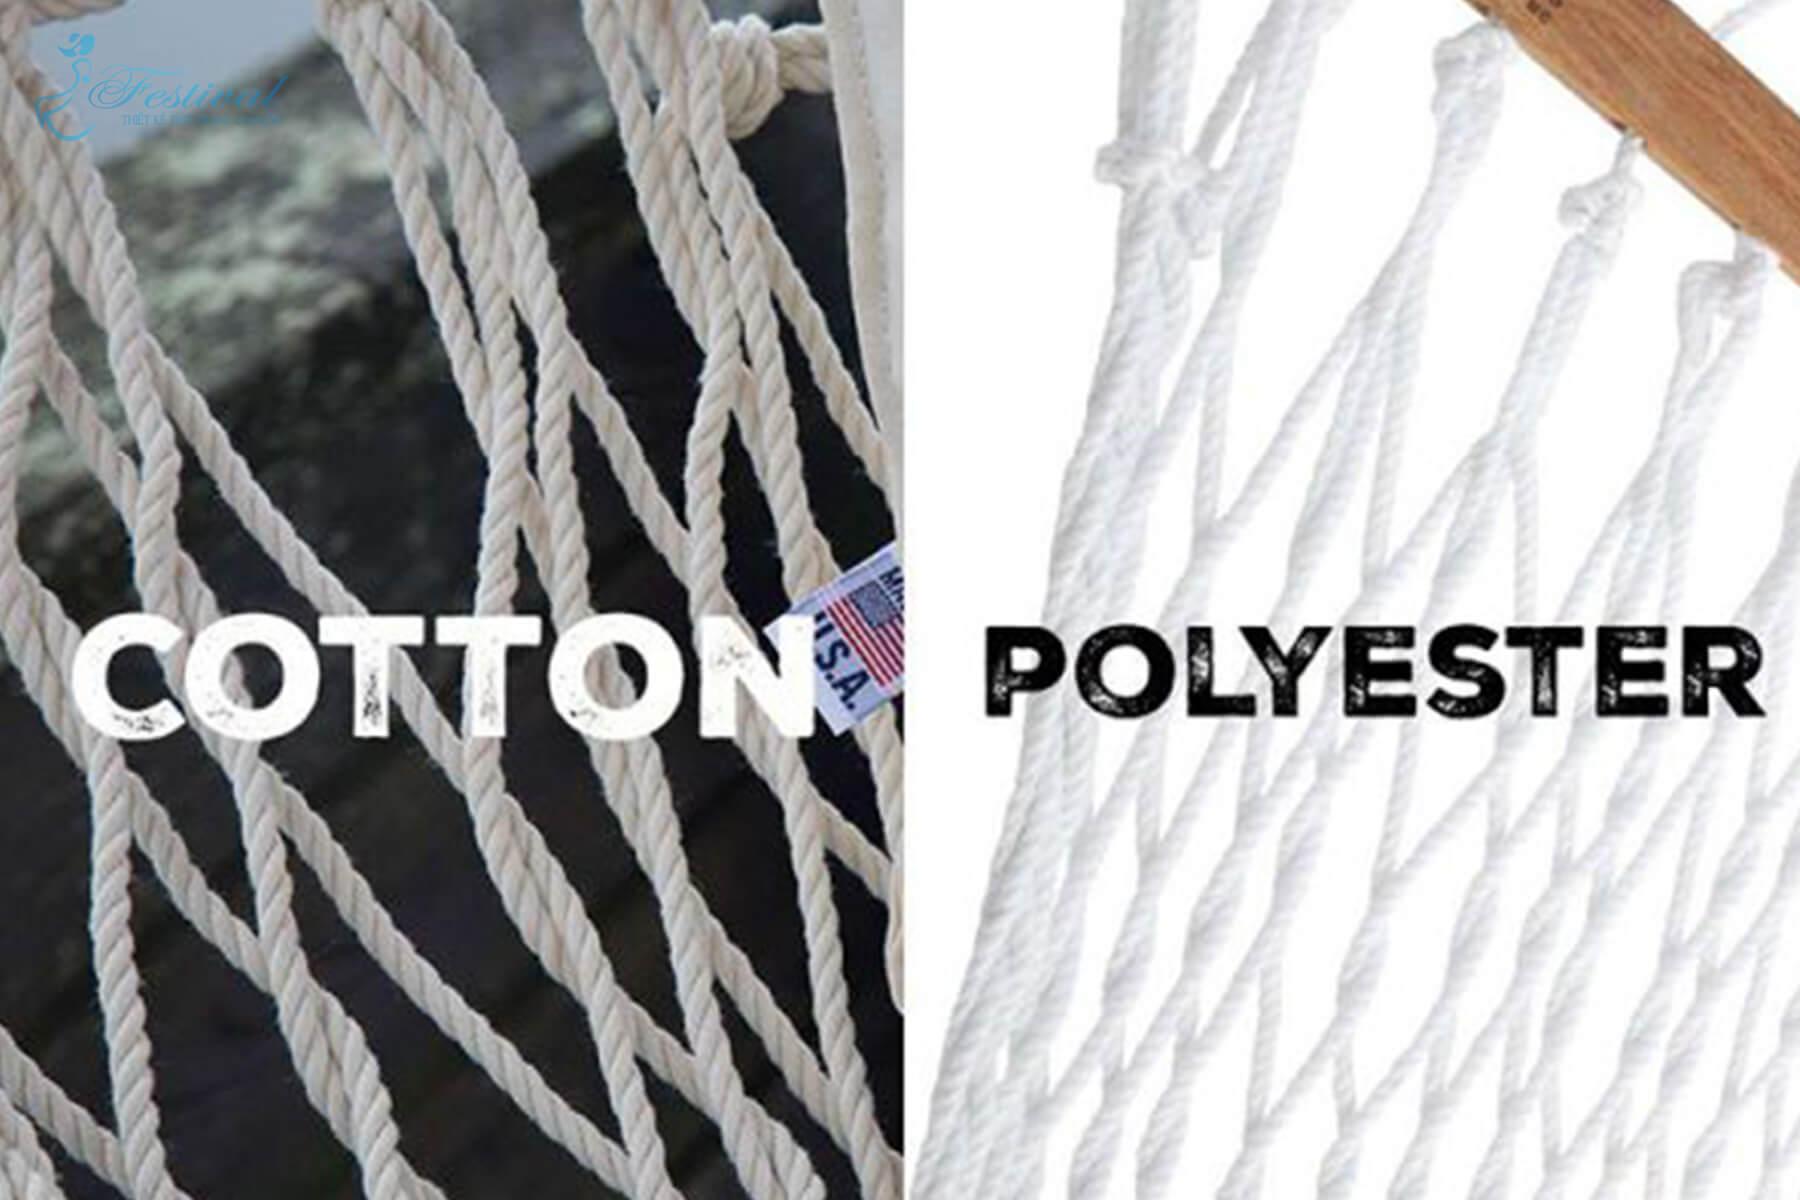 Cotton poly - Vải cotton là gì? Hiểu rõ hơn về các loại vải cotton